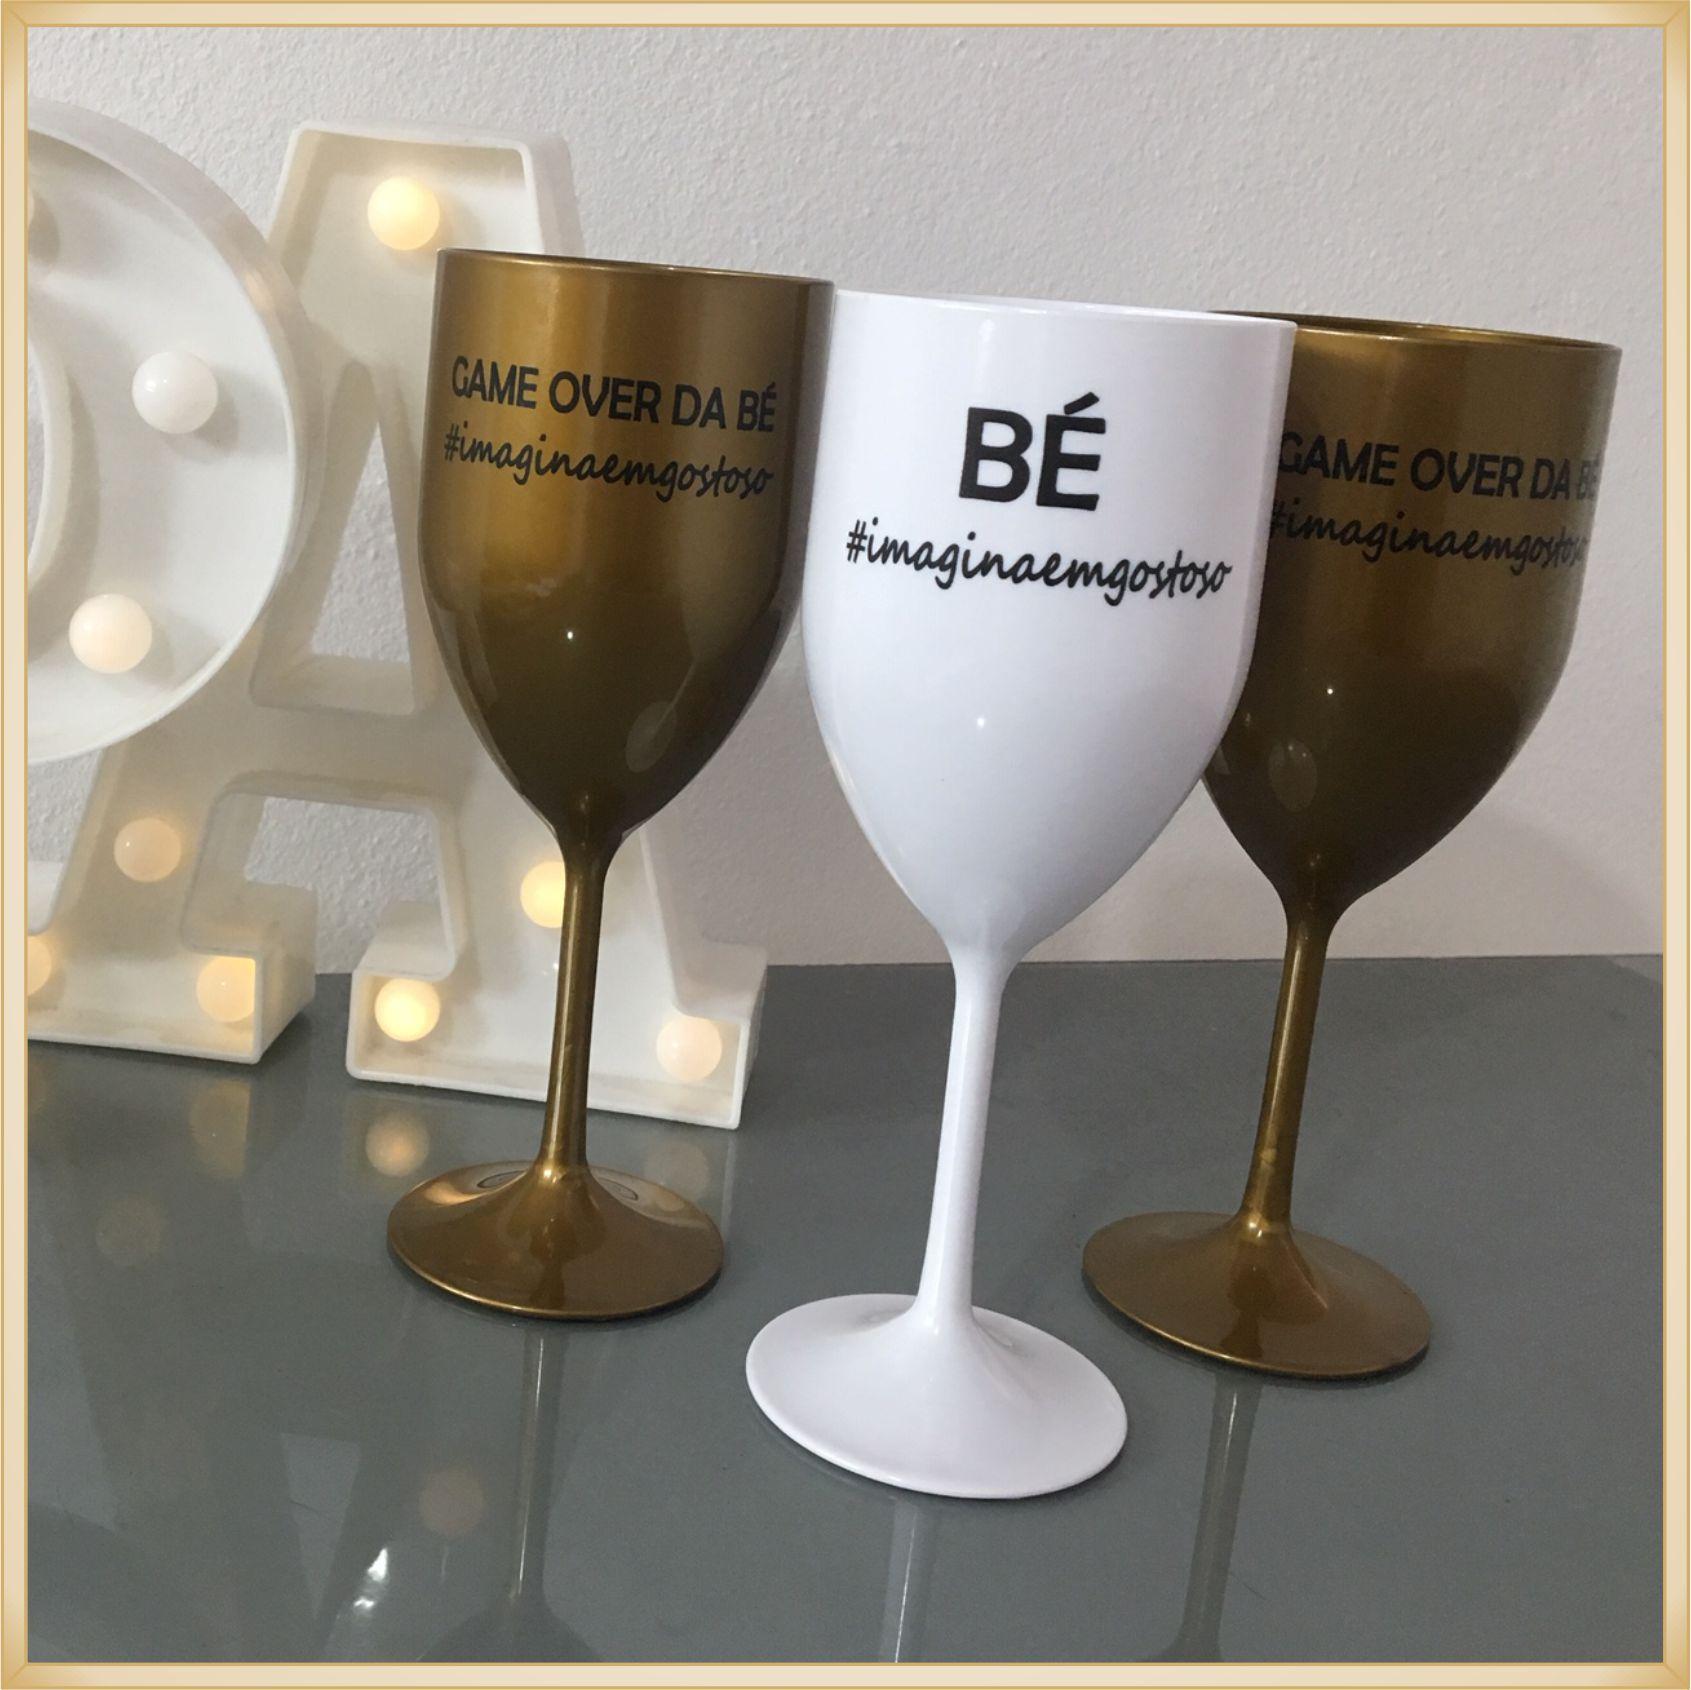 Taças de acrílico Personalizadas para Casamento - estampas de qualidade, brilhante, acabamento perfeito, parede de 2,0 mm, 350 ml. - kit 30 unidades